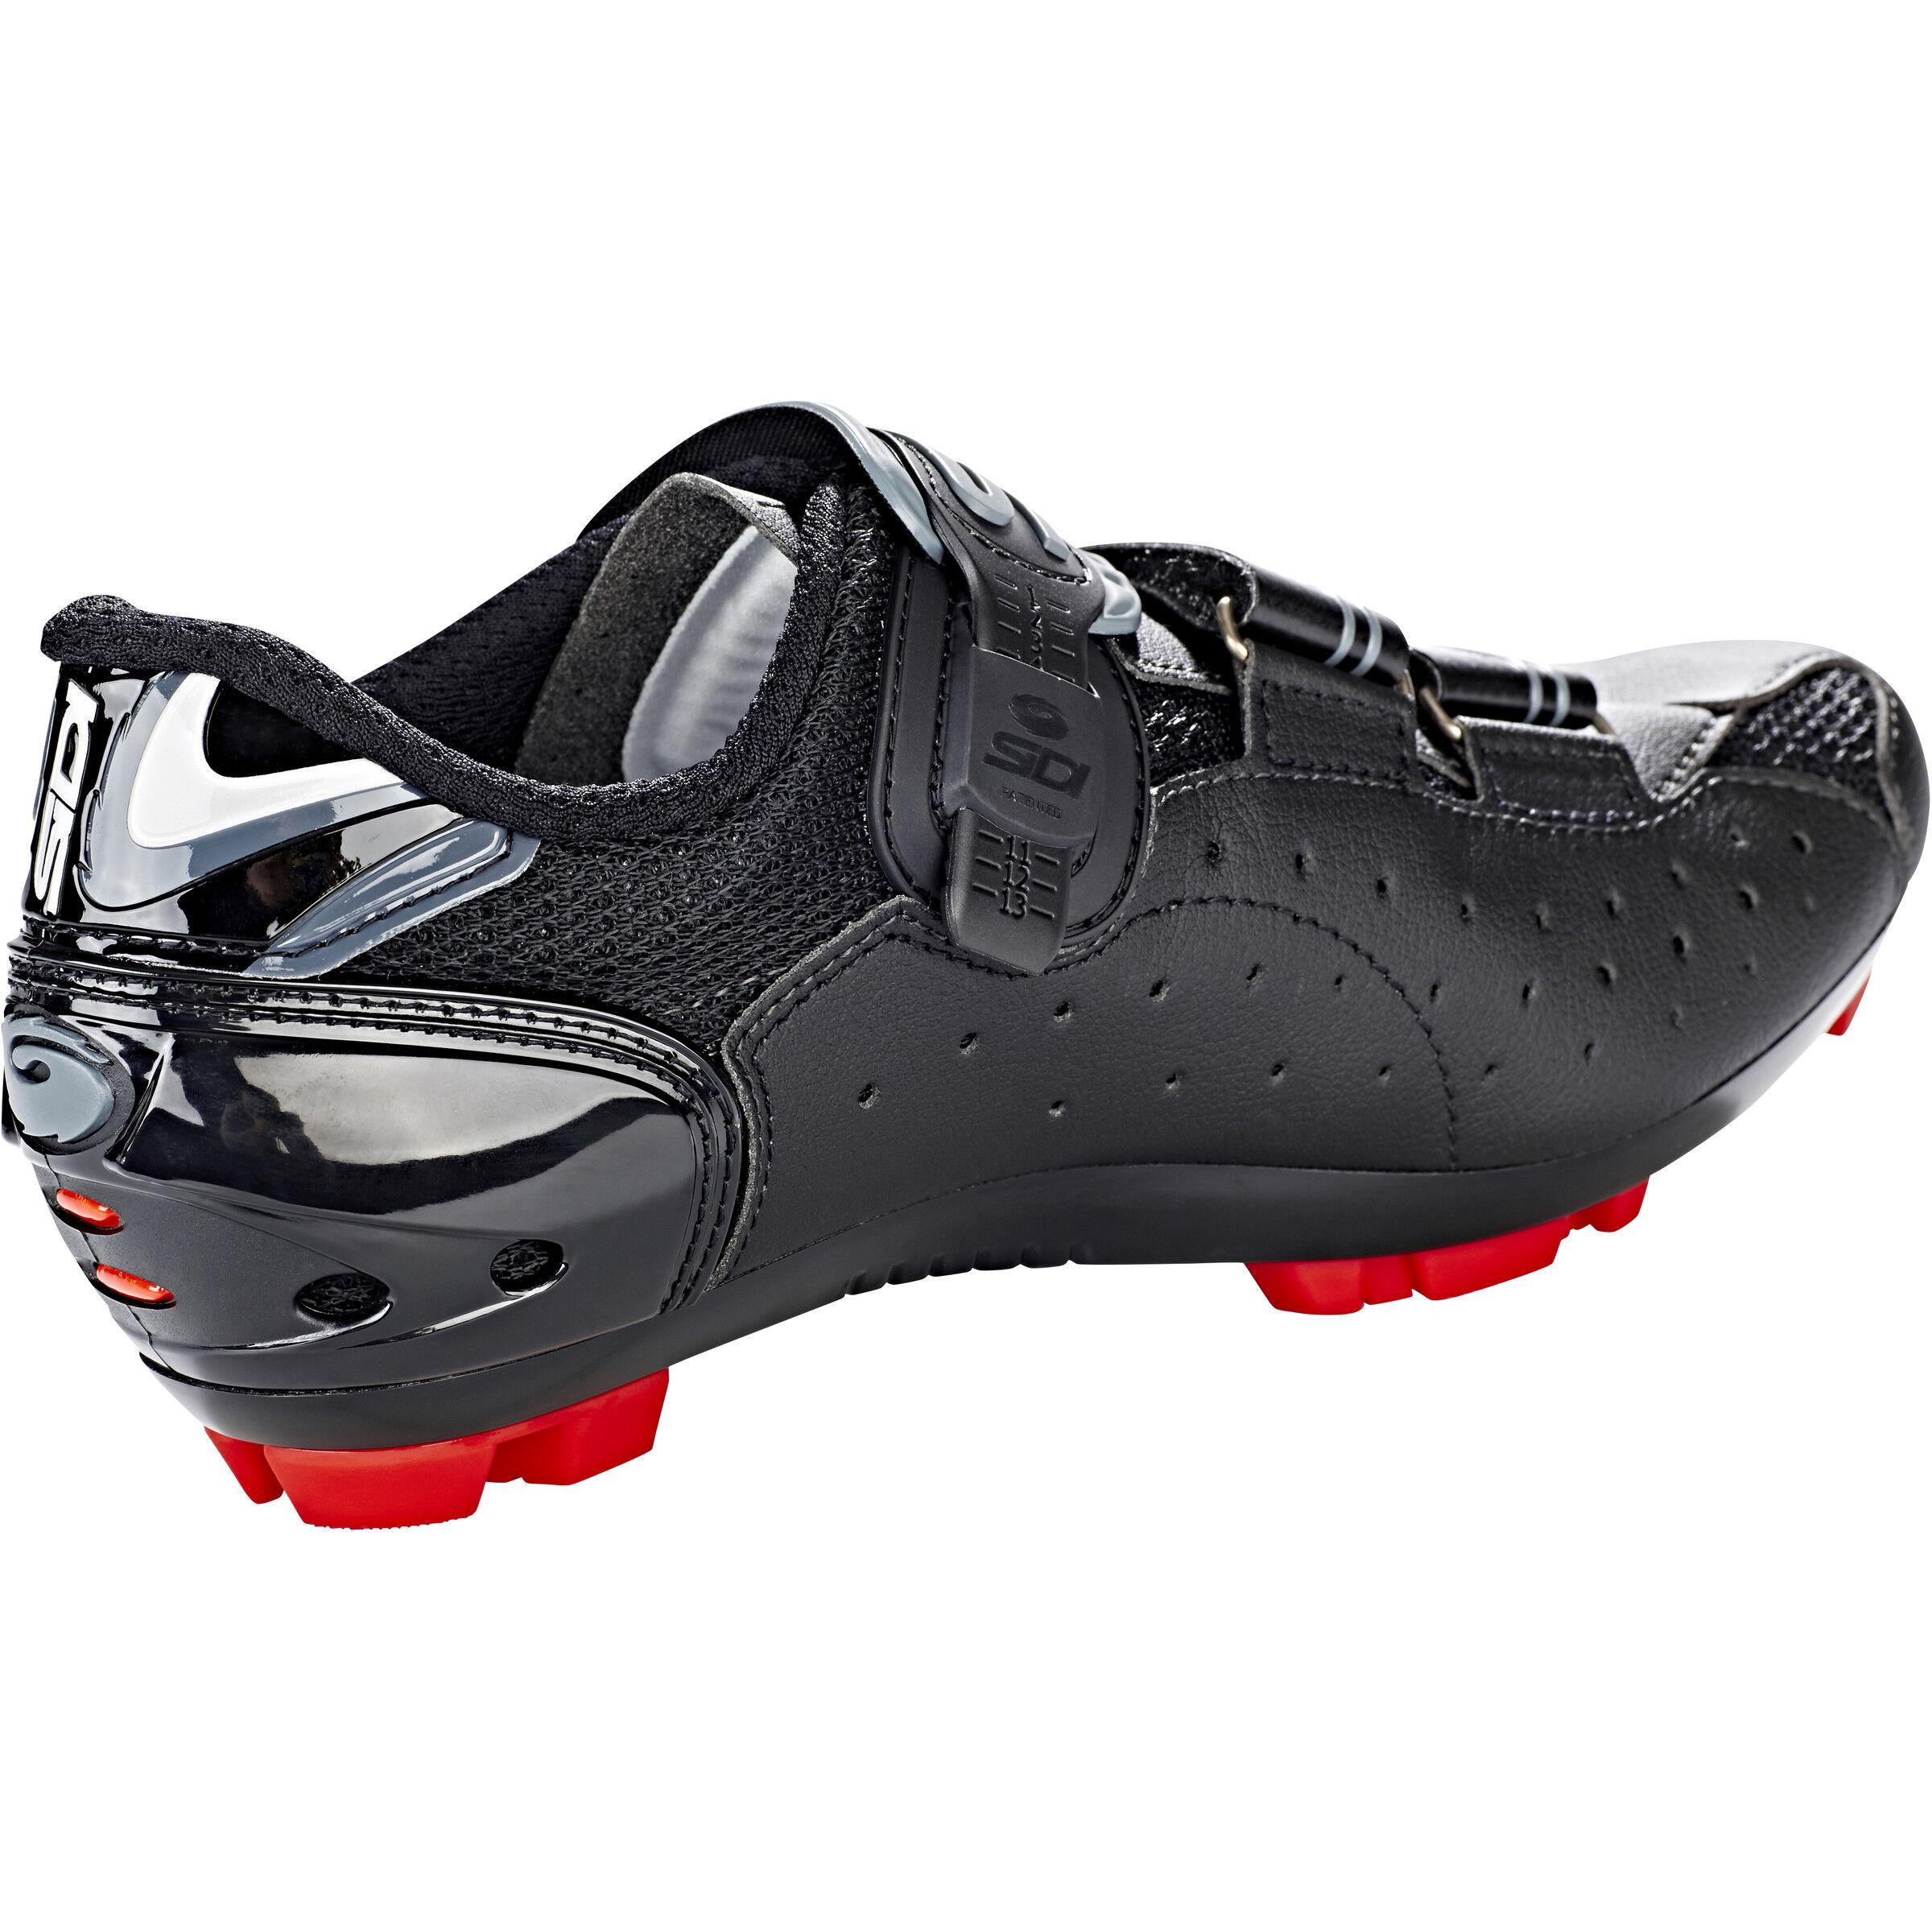 Schuhe Black Shadow Sr Sidi 7 Eagle 43 Mtb FrauenEu 8w0OXnPk